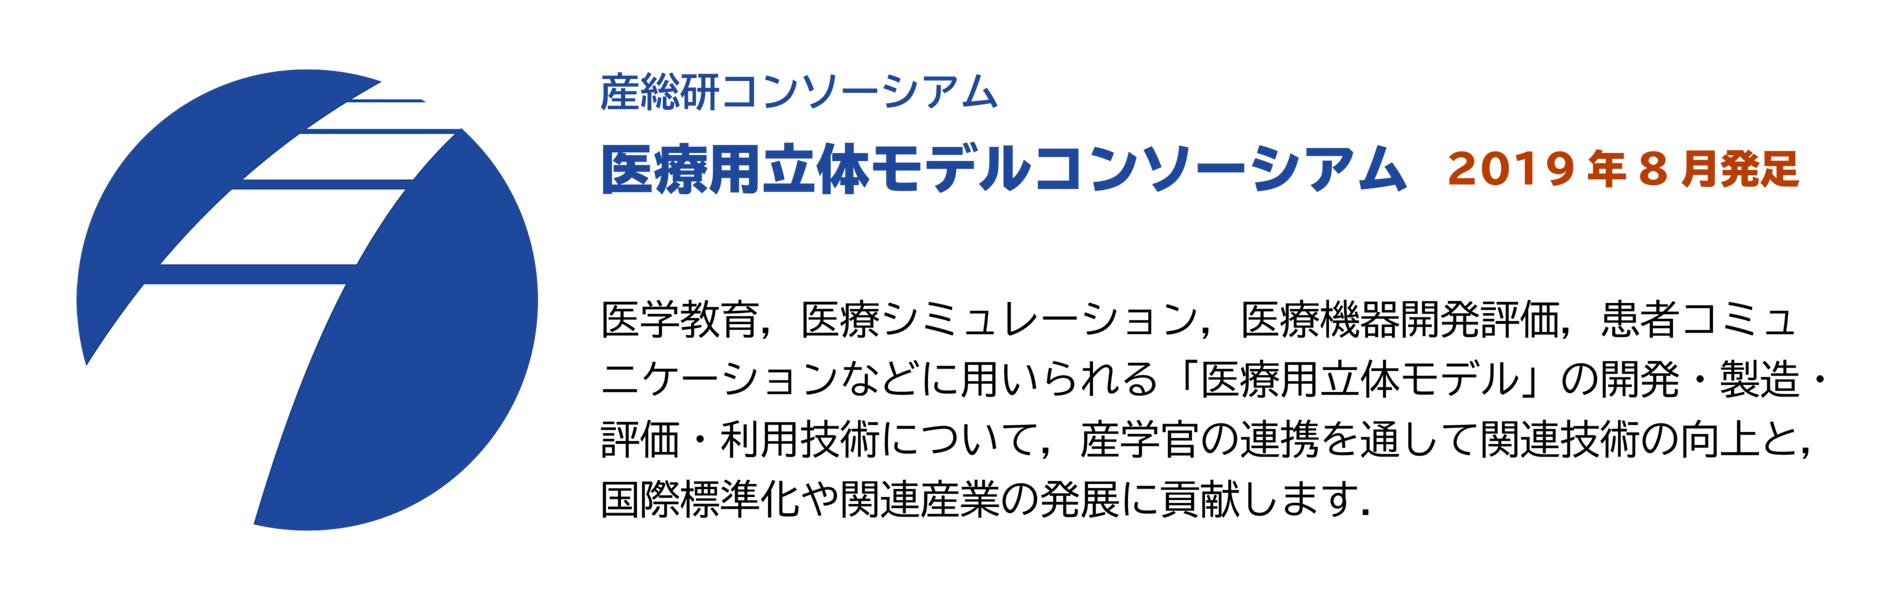 産総研コンソーシアム「医療用立体モデルコンソーシアム」発足